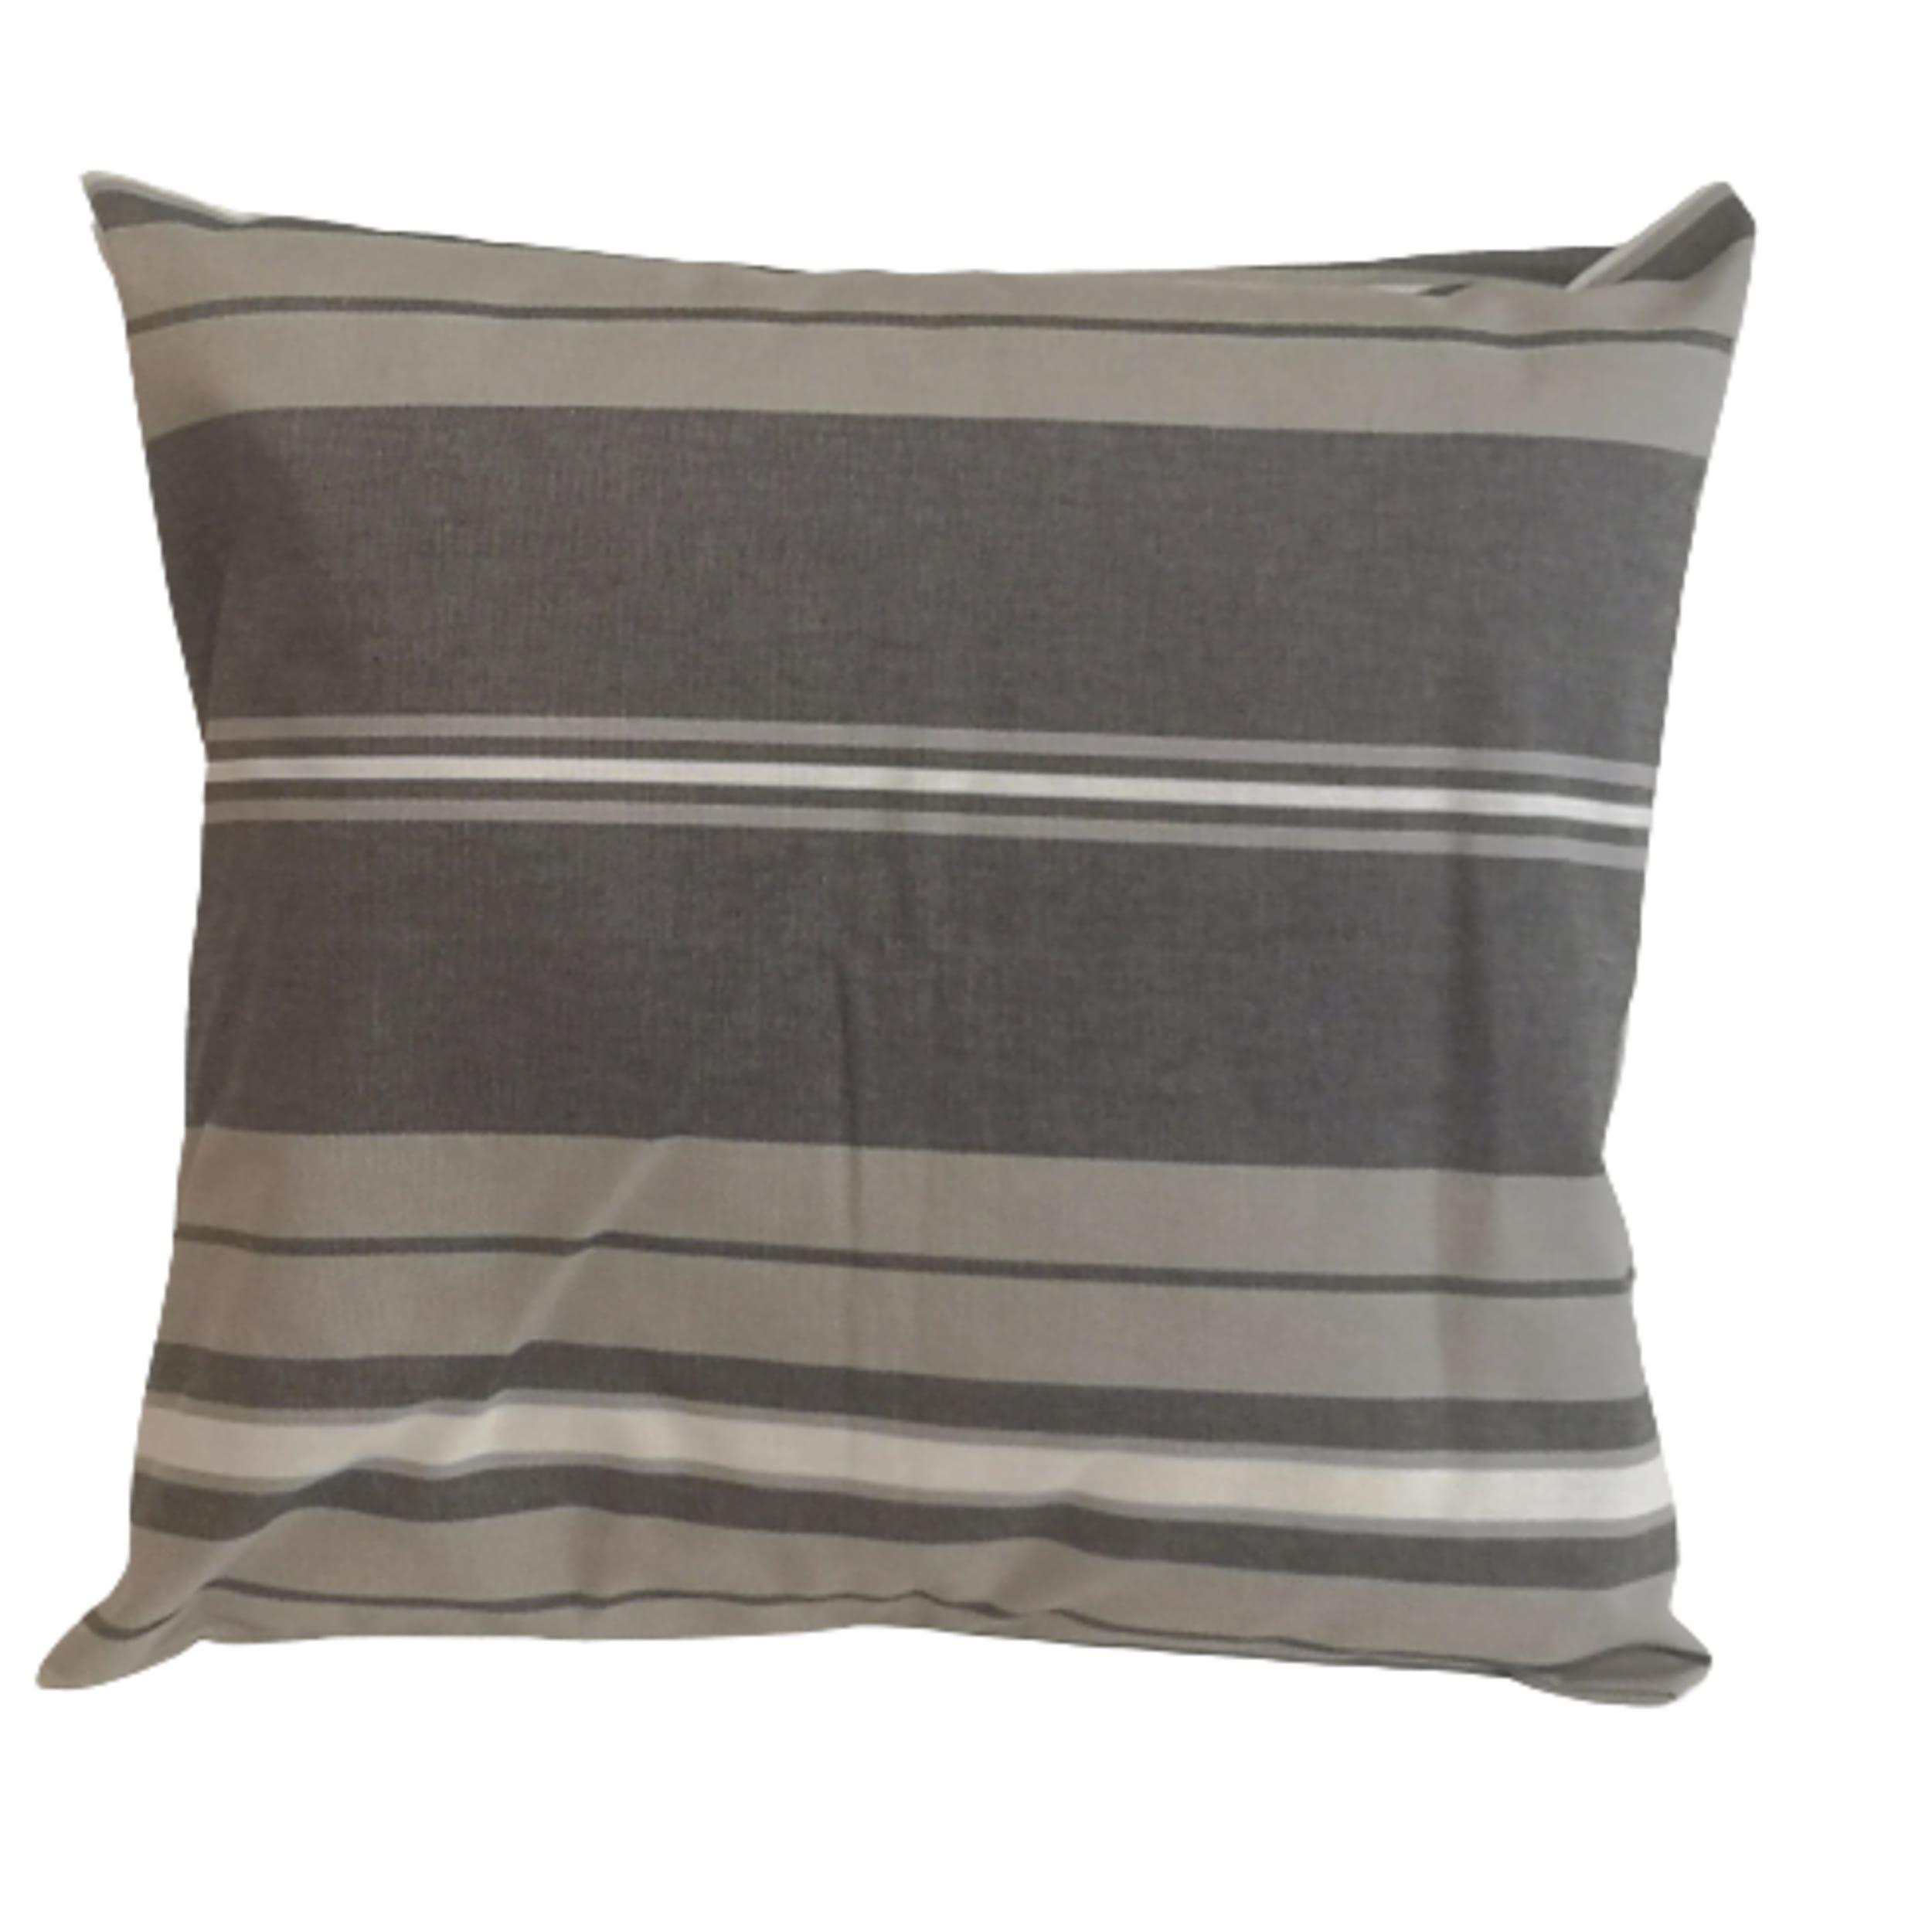 1 lot de housse de coussin 100% coton gris 45 x 45 cm + 40x60cm